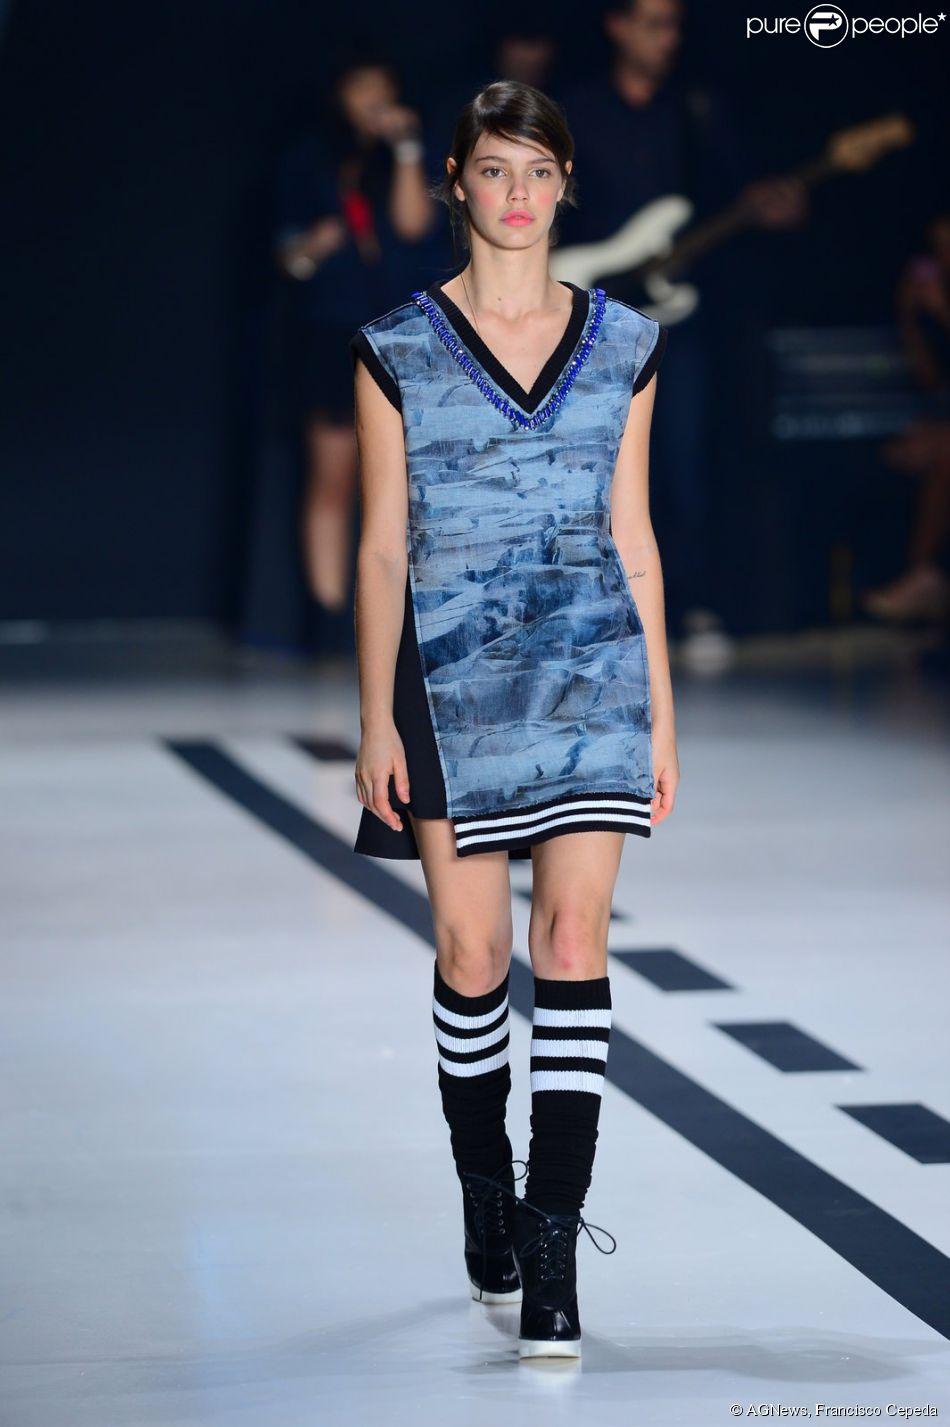 Laura Neiva e Fiuk desfilam juntos no último dia de São Paulo Fashion Week, nesta sexta-feira, 7 de novembro de 2014